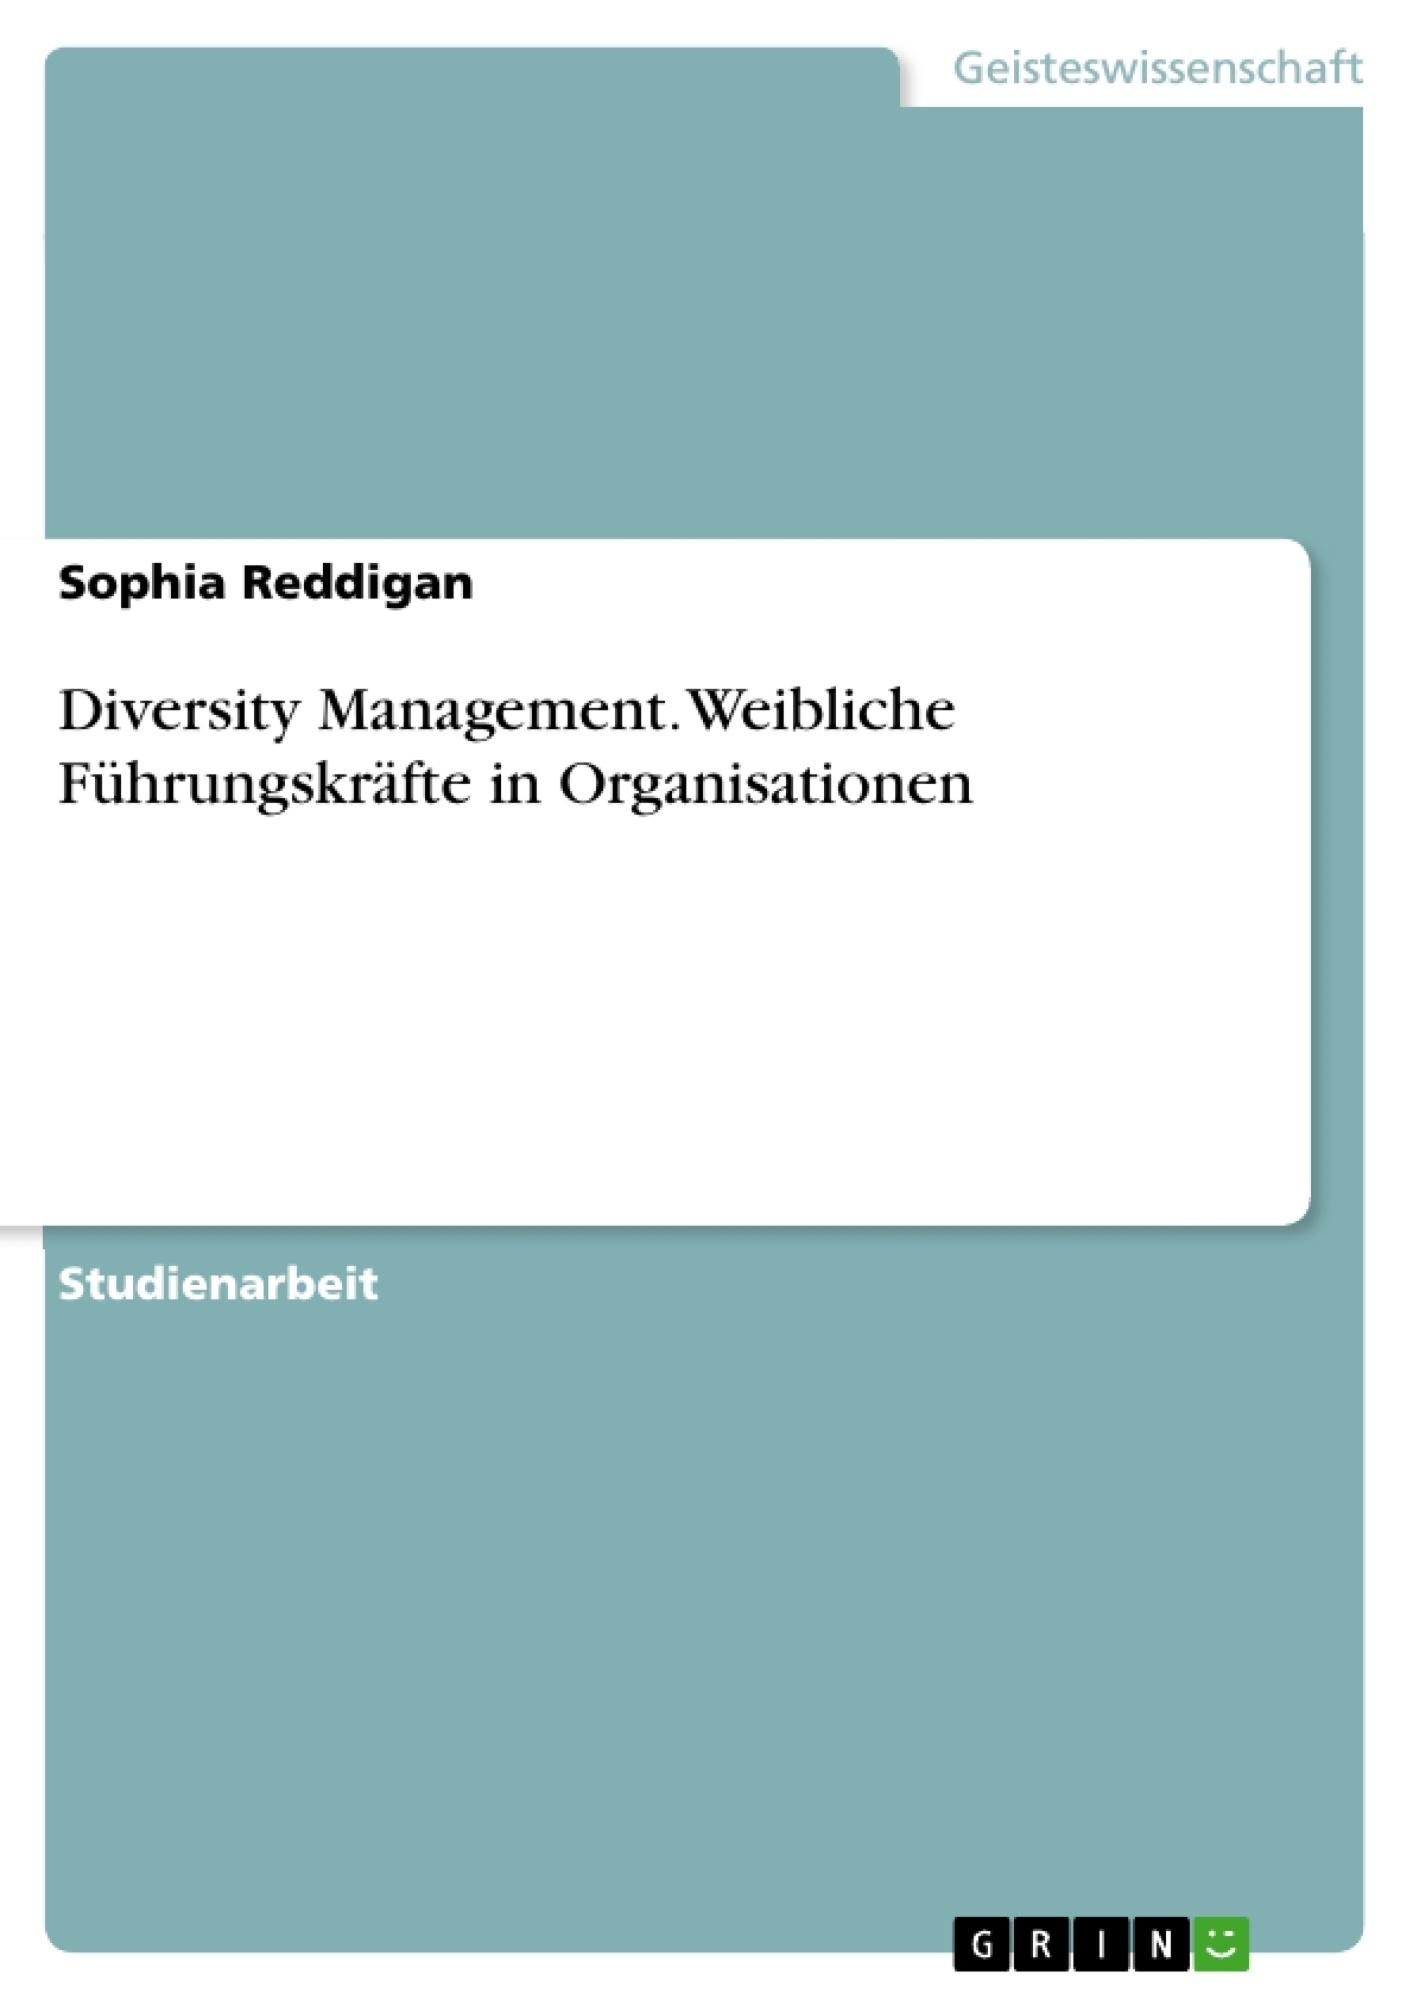 Titel: Diversity Management. Weibliche Führungskräfte in Organisationen